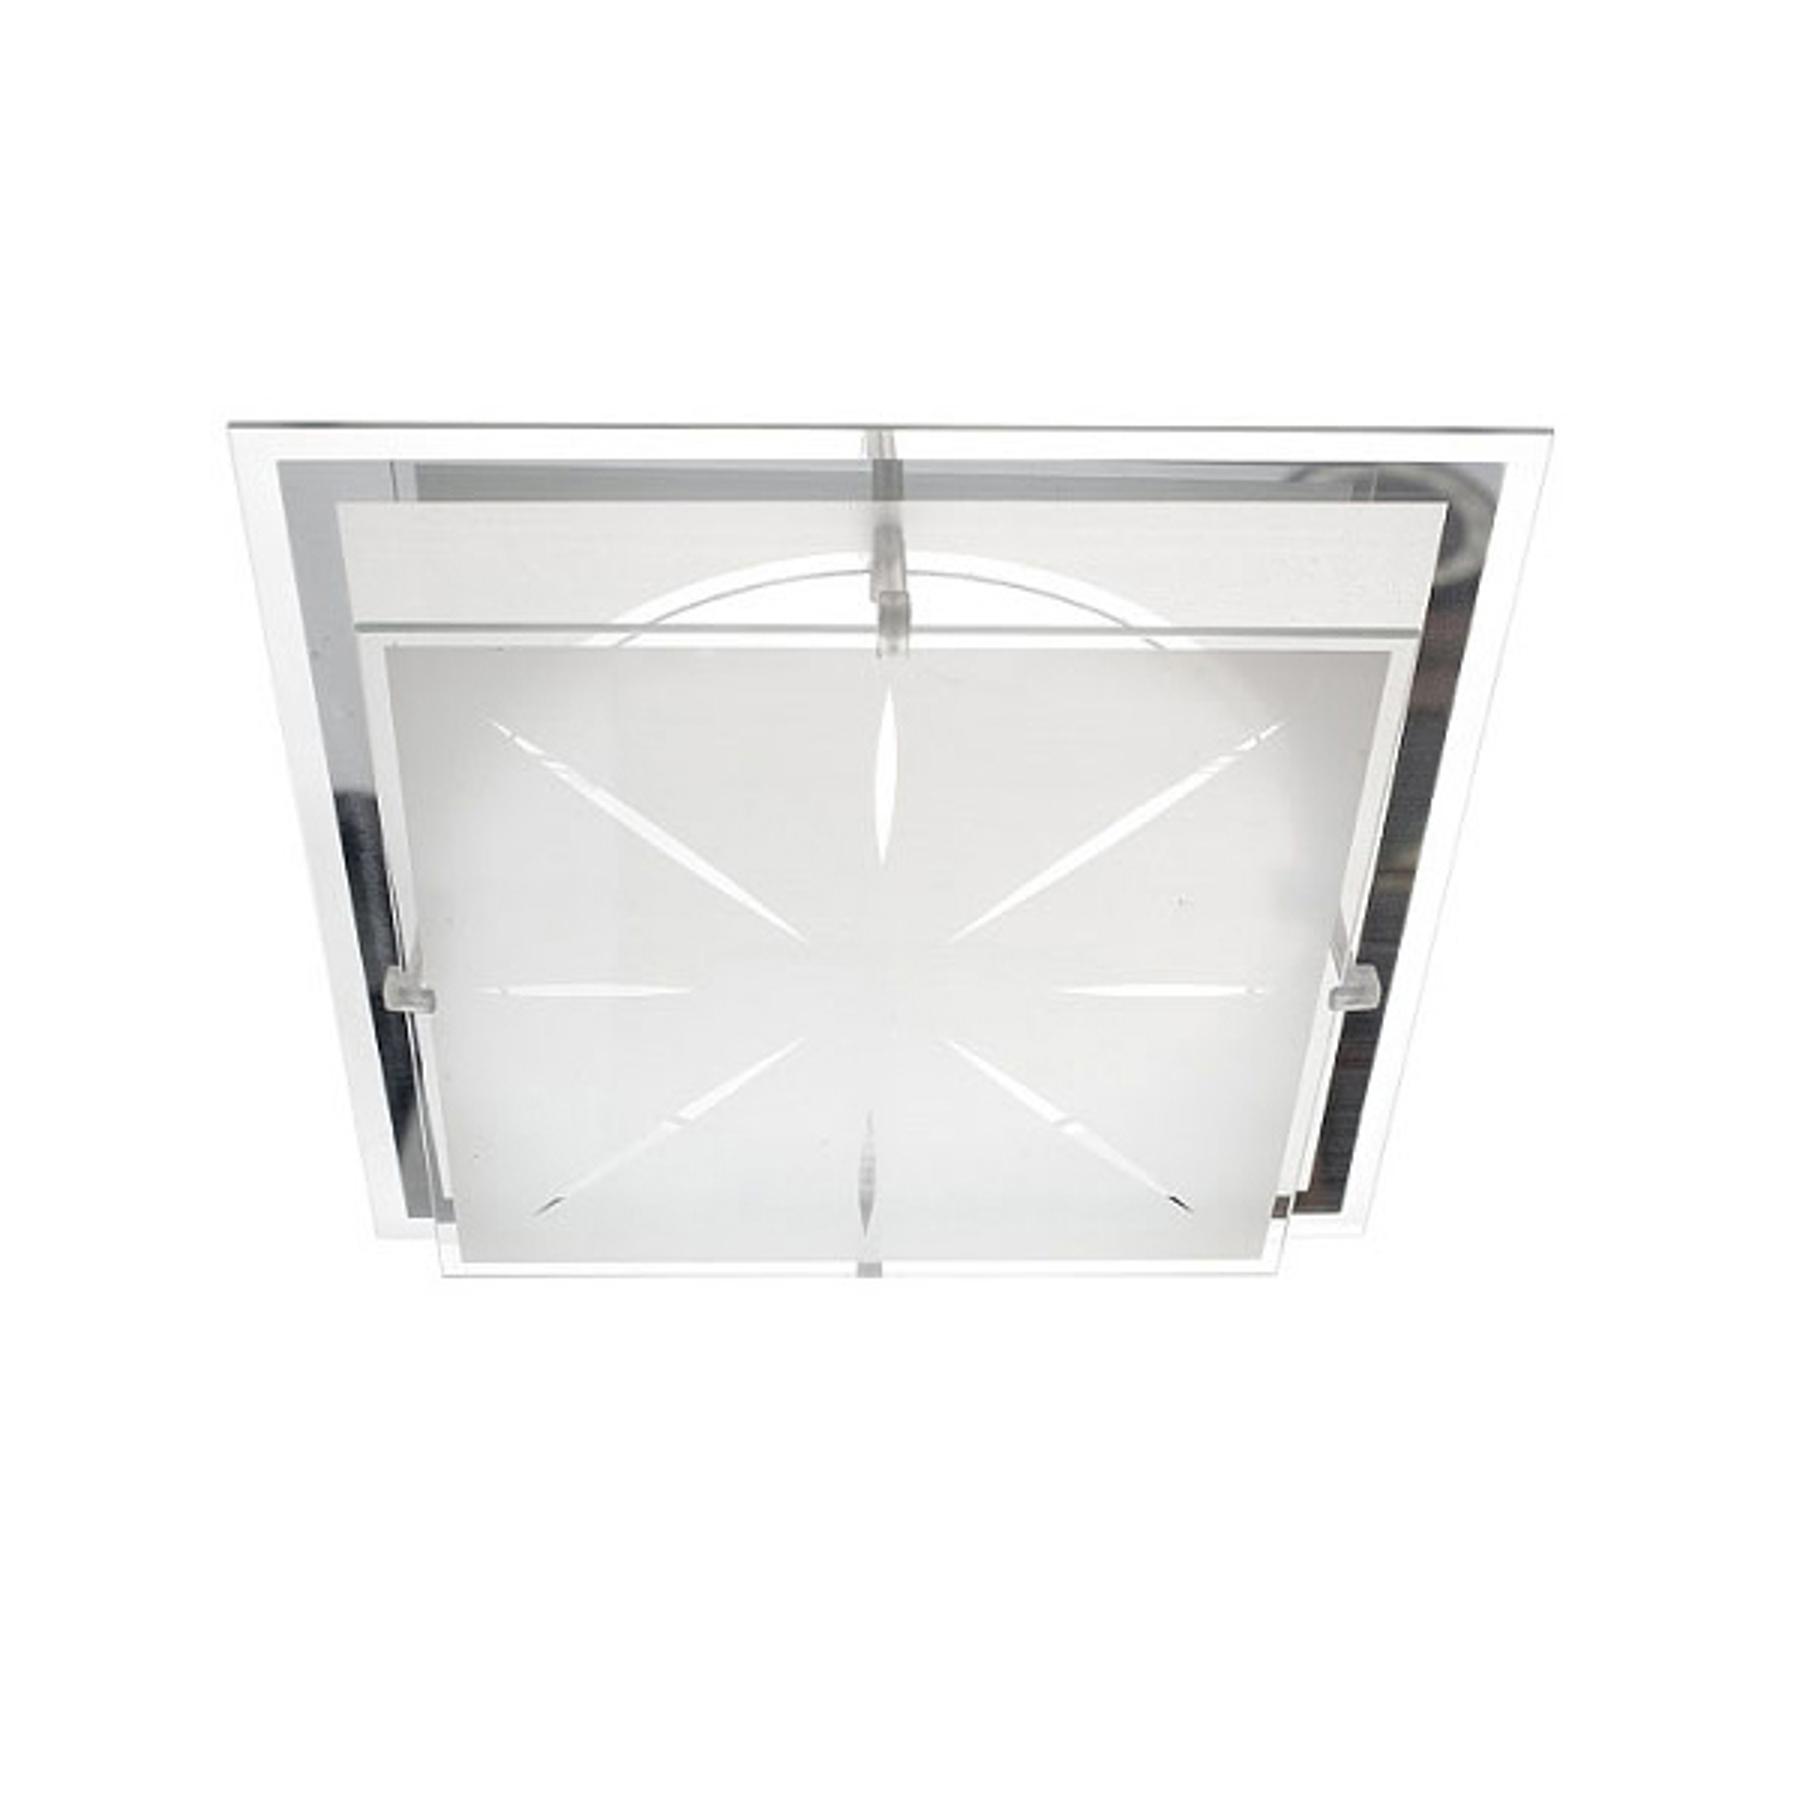 Plafoniera P2 di vetro 31,5x31,5cm